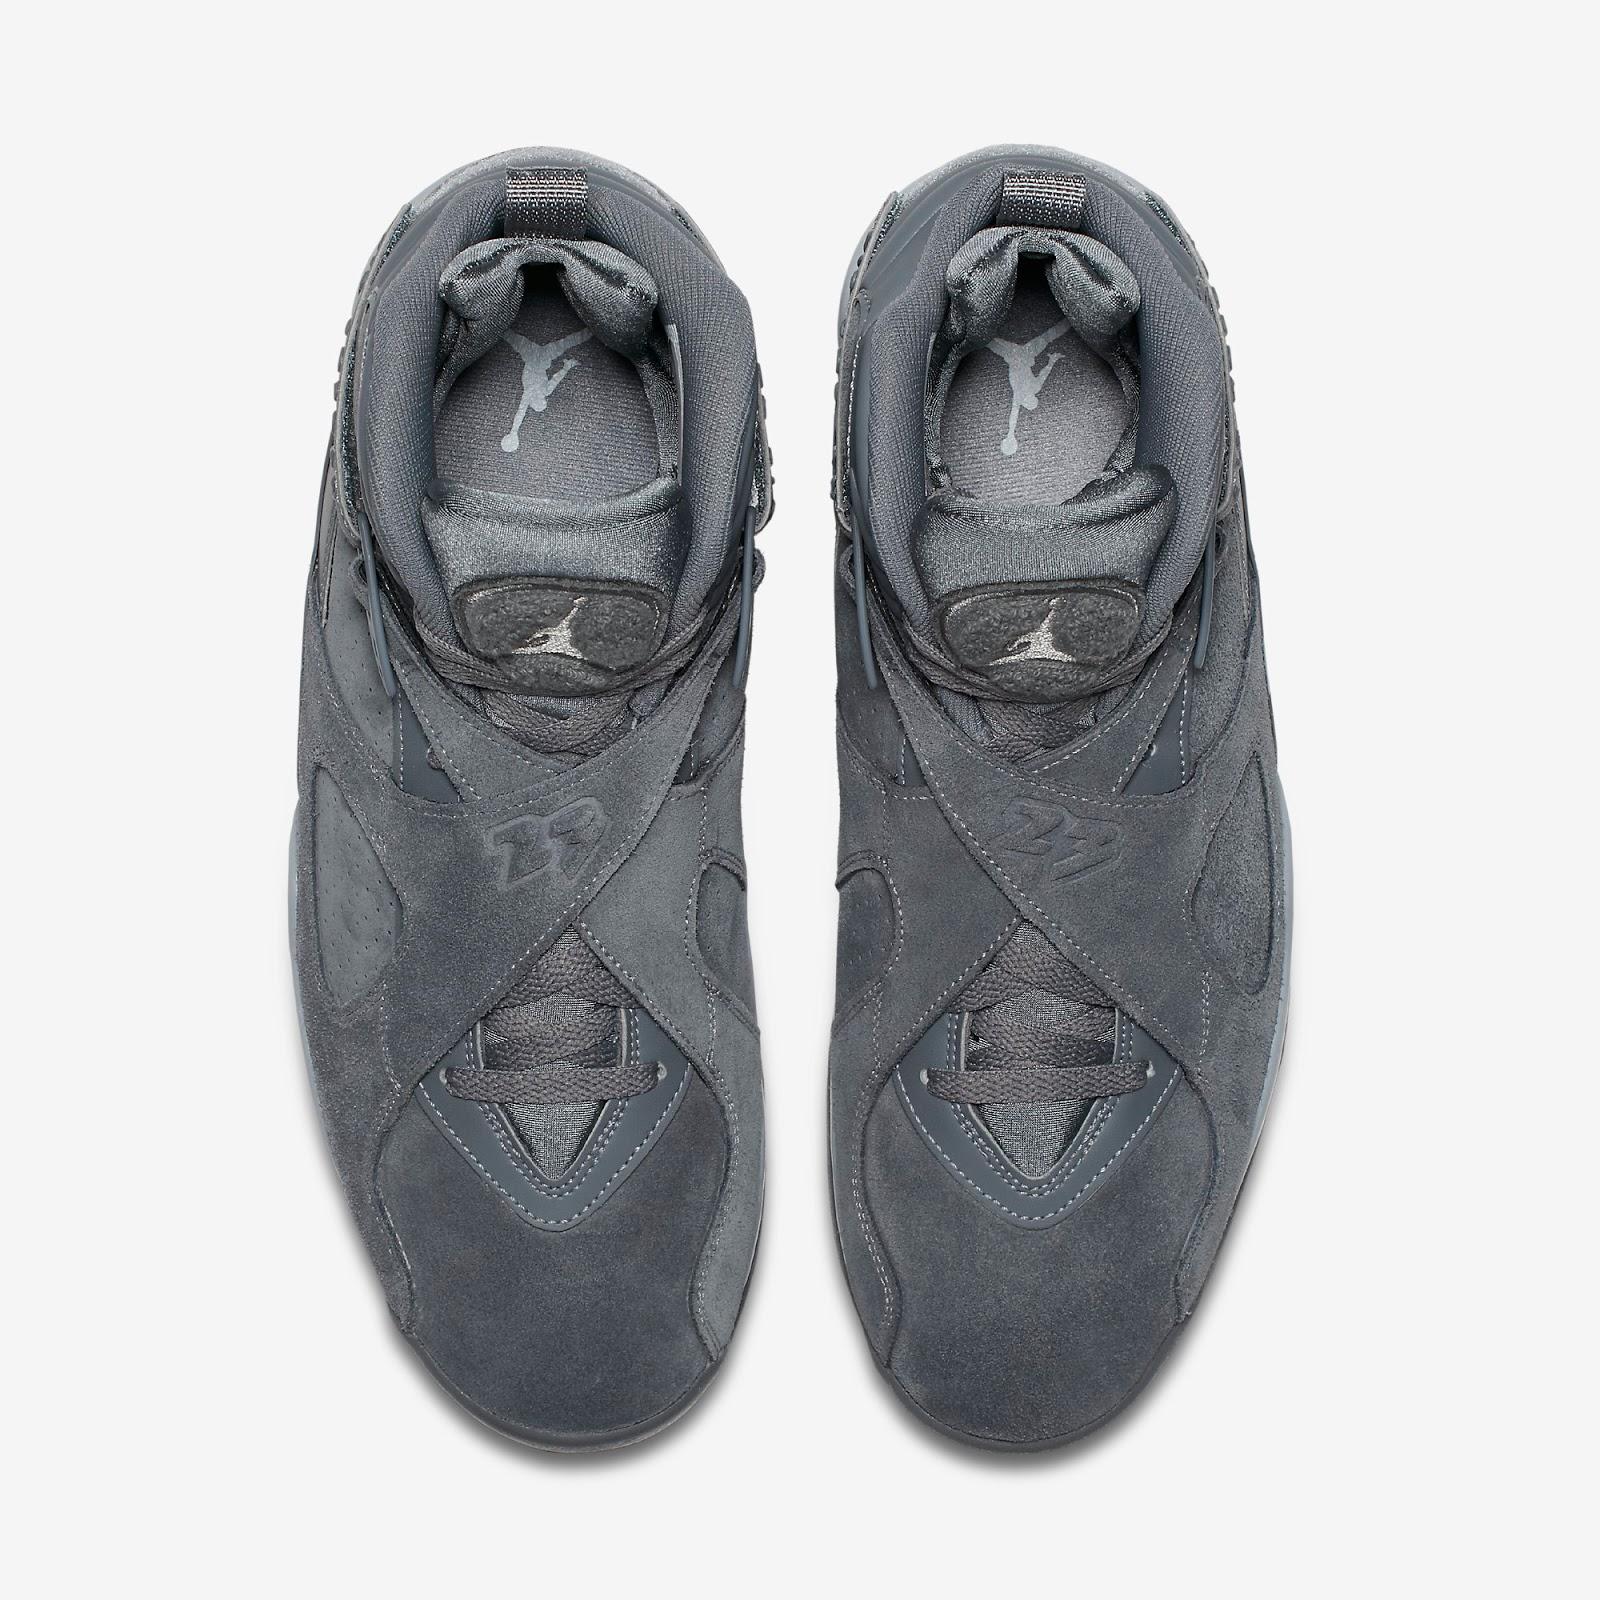 624166d3a50ddb ajordanxi Your  1 Source For Sneaker Release Dates  Air Jordan 8 ...